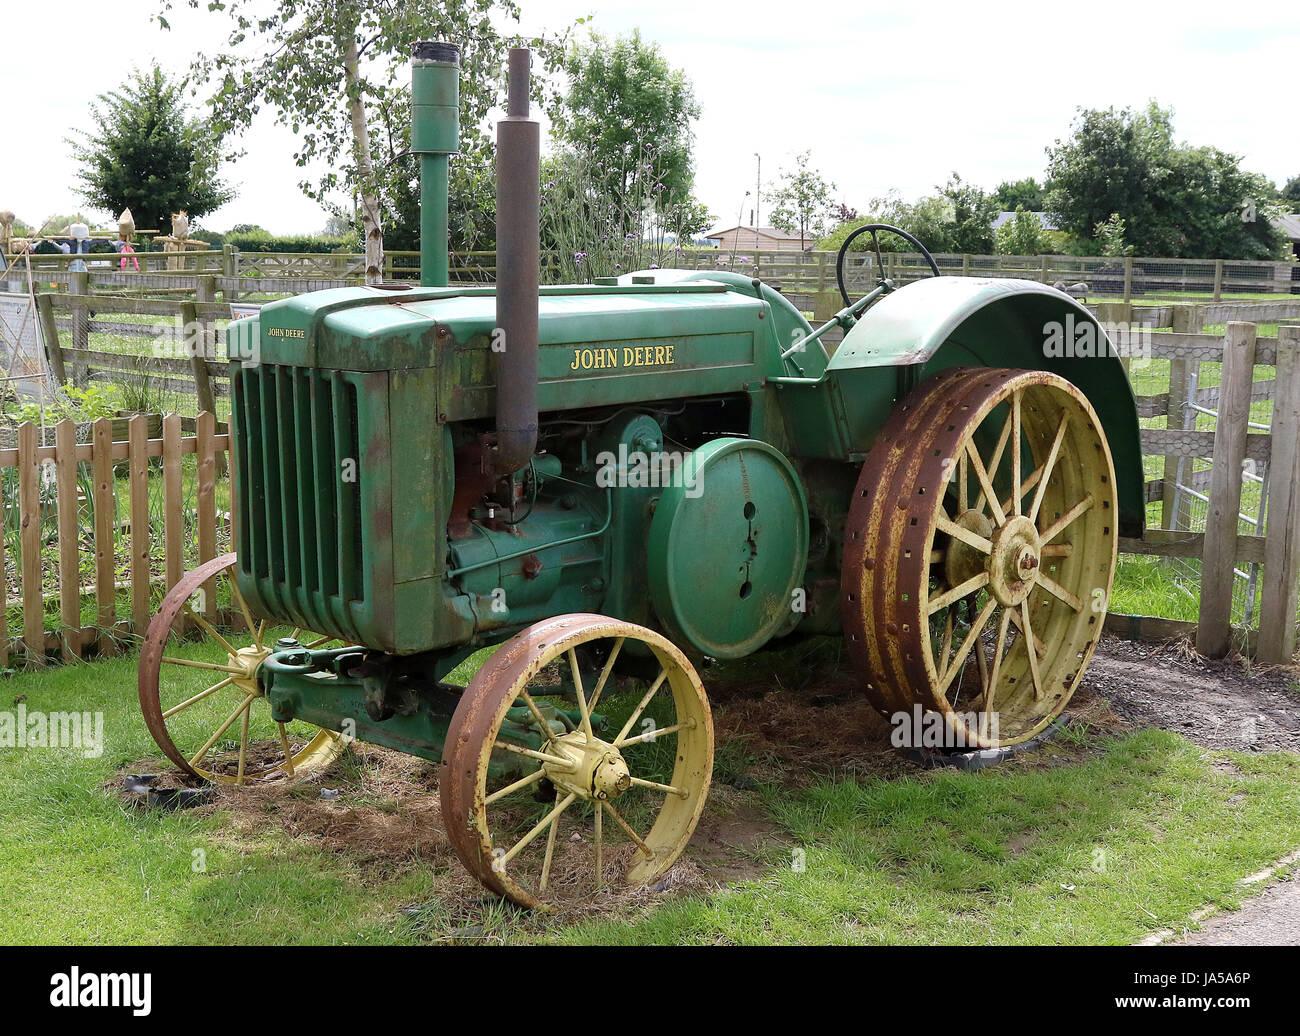 Tolle John Deere Traktor Färbung Seite Fotos - Malvorlagen Von ...